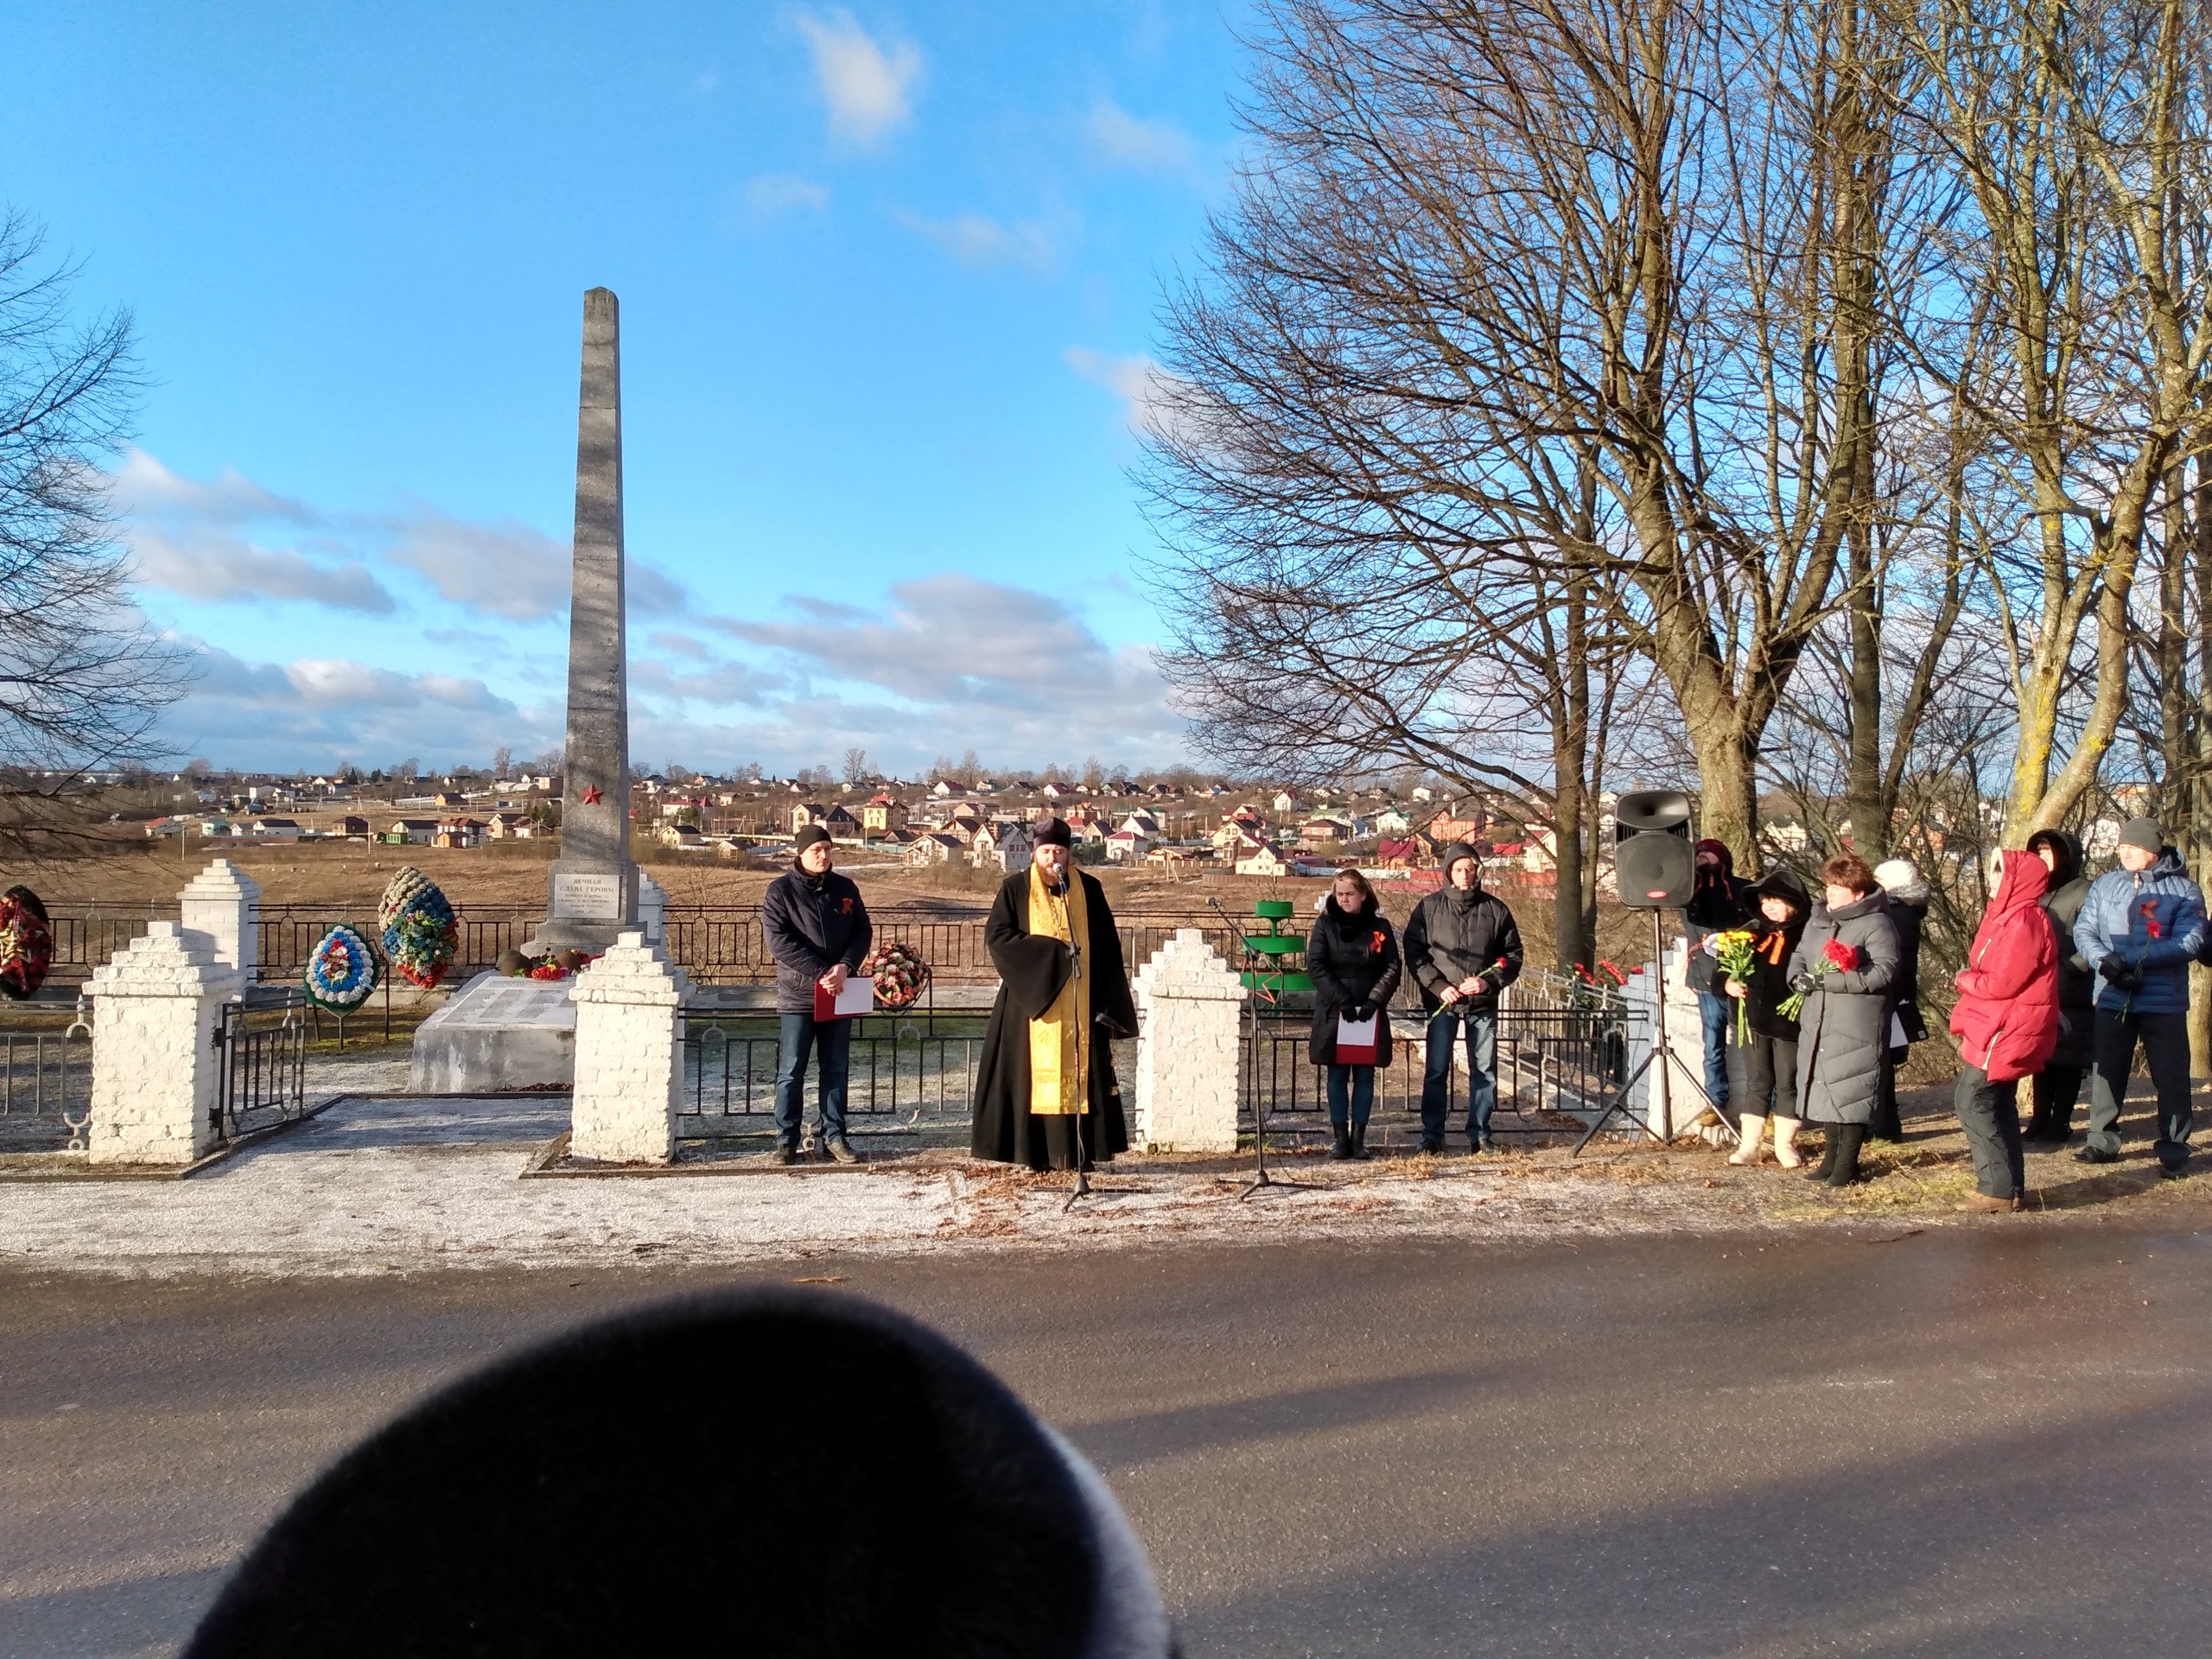 Сегодня у братской могилы на станции Антропшино состоялся торжественно-траурный митинг, посвященный 76-й годовщине полного освобождения станции от немецких захватчиков.